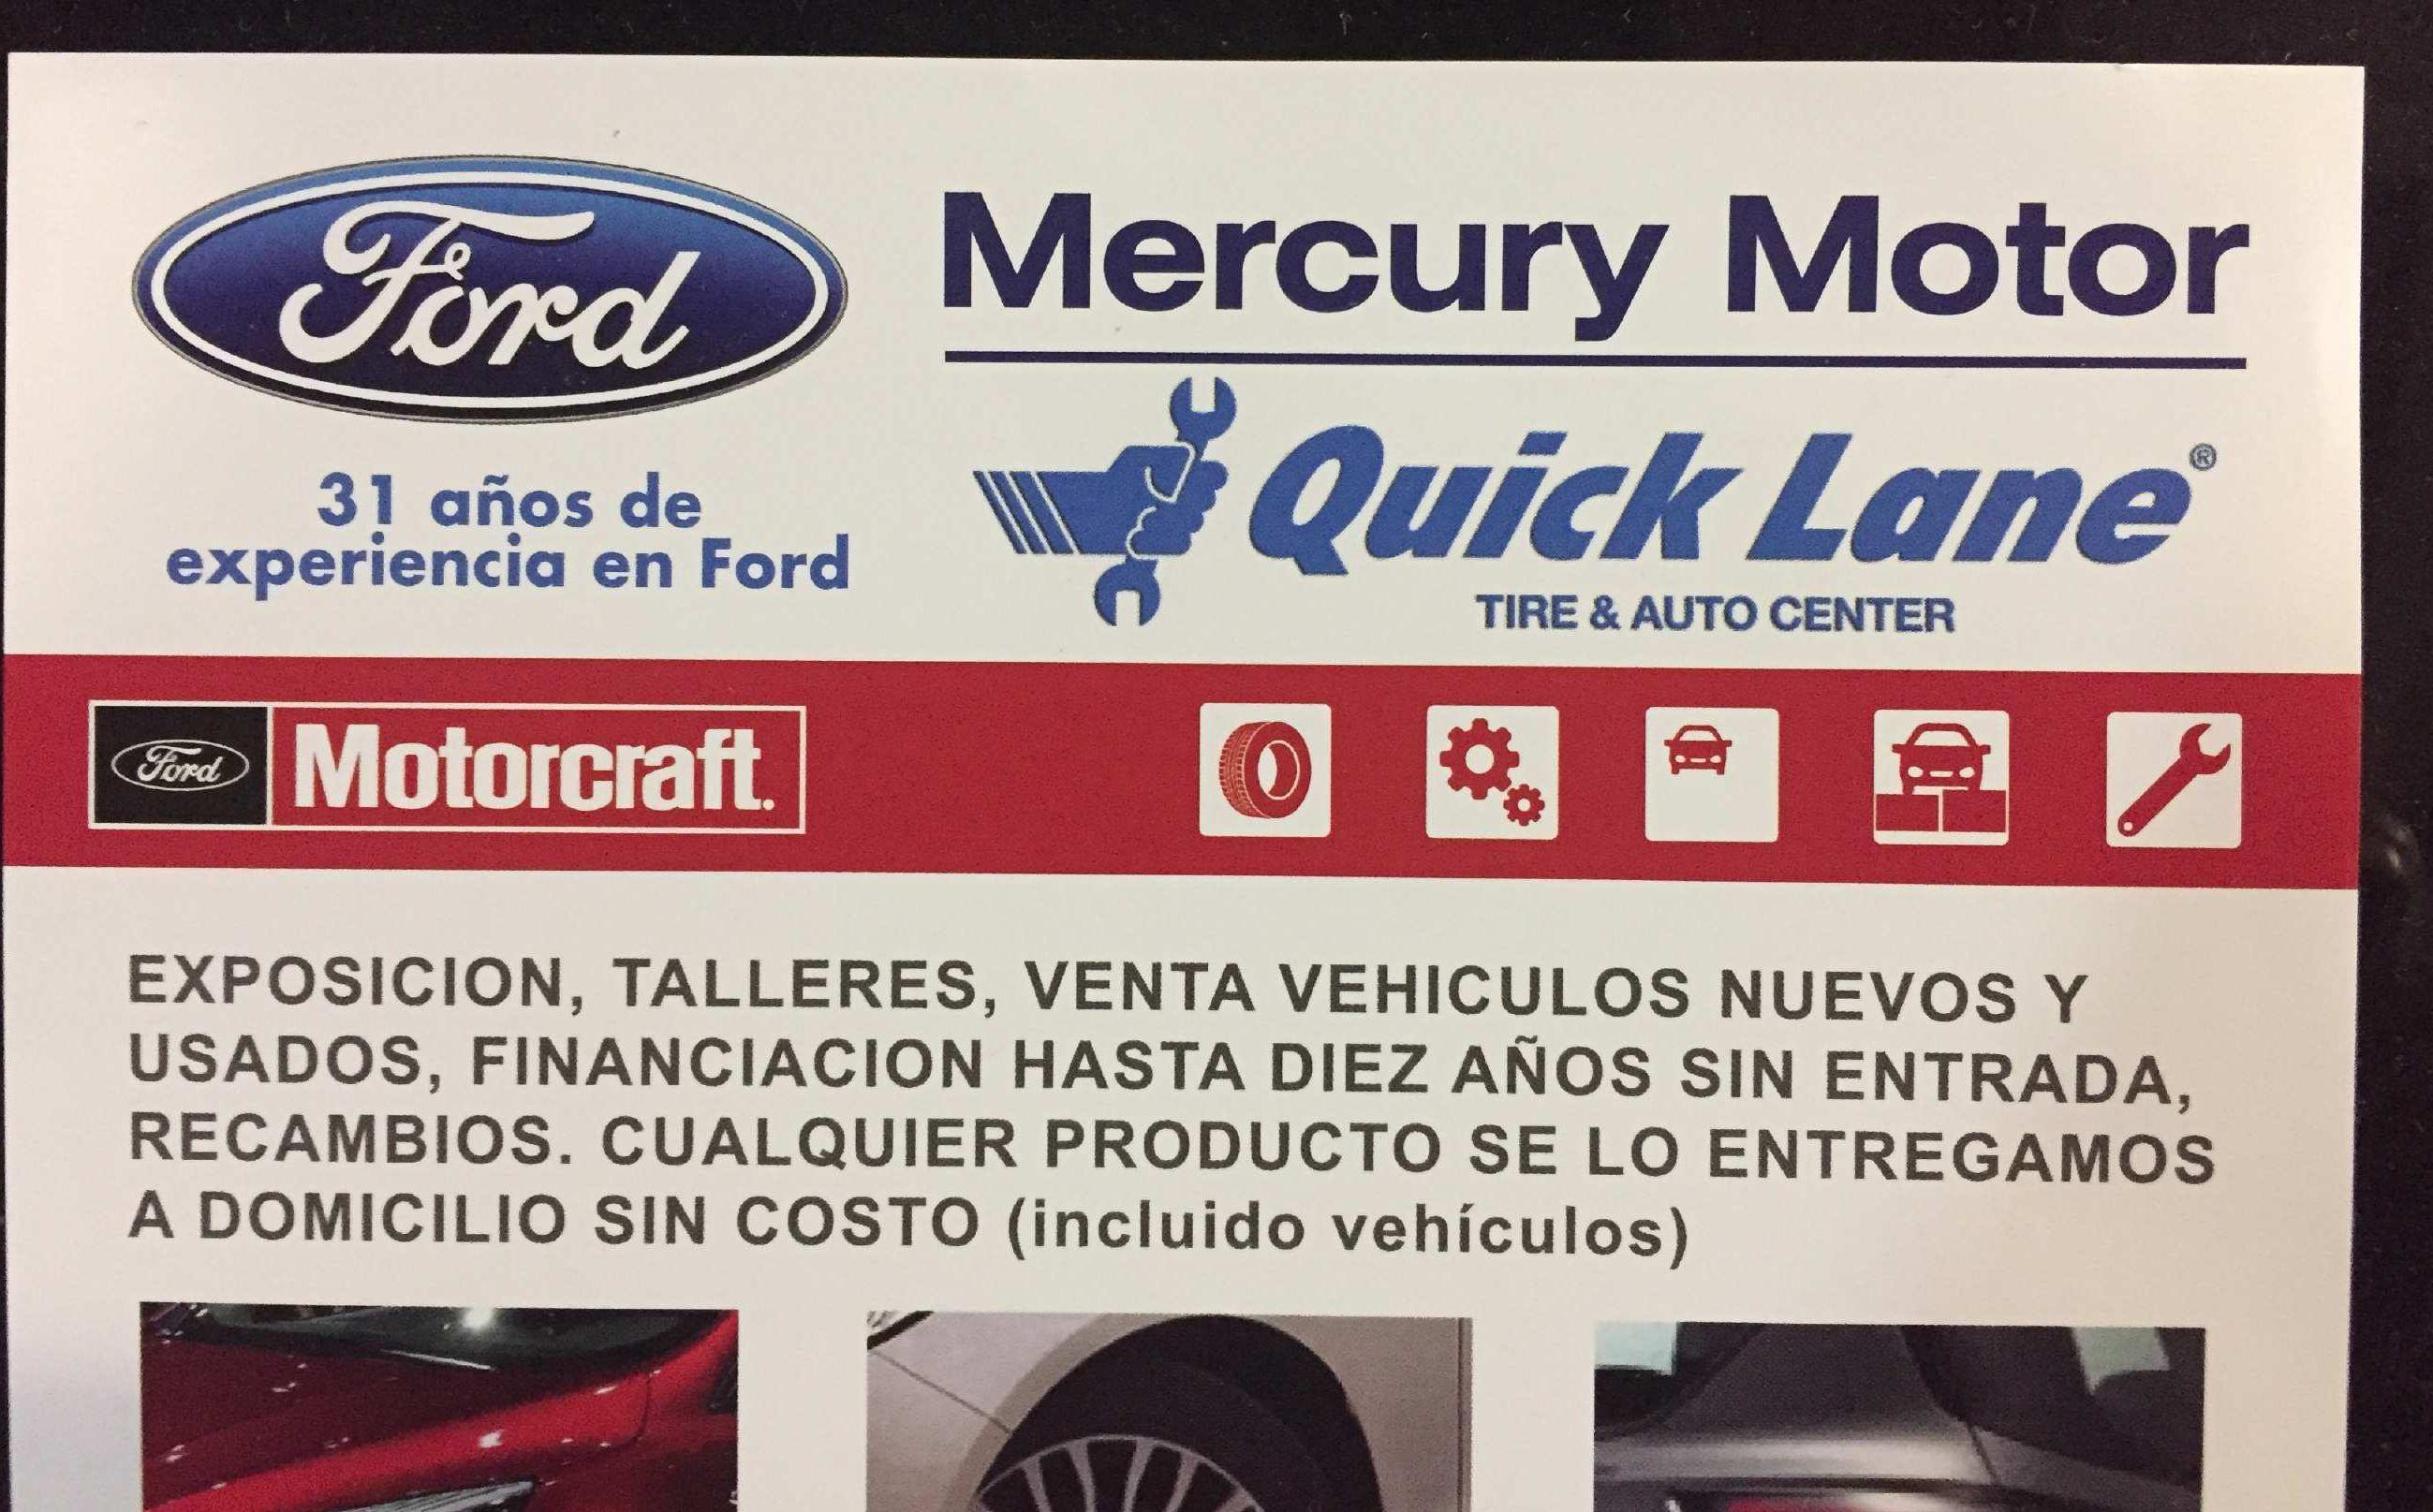 Servicios del concesionario Mercury Motor